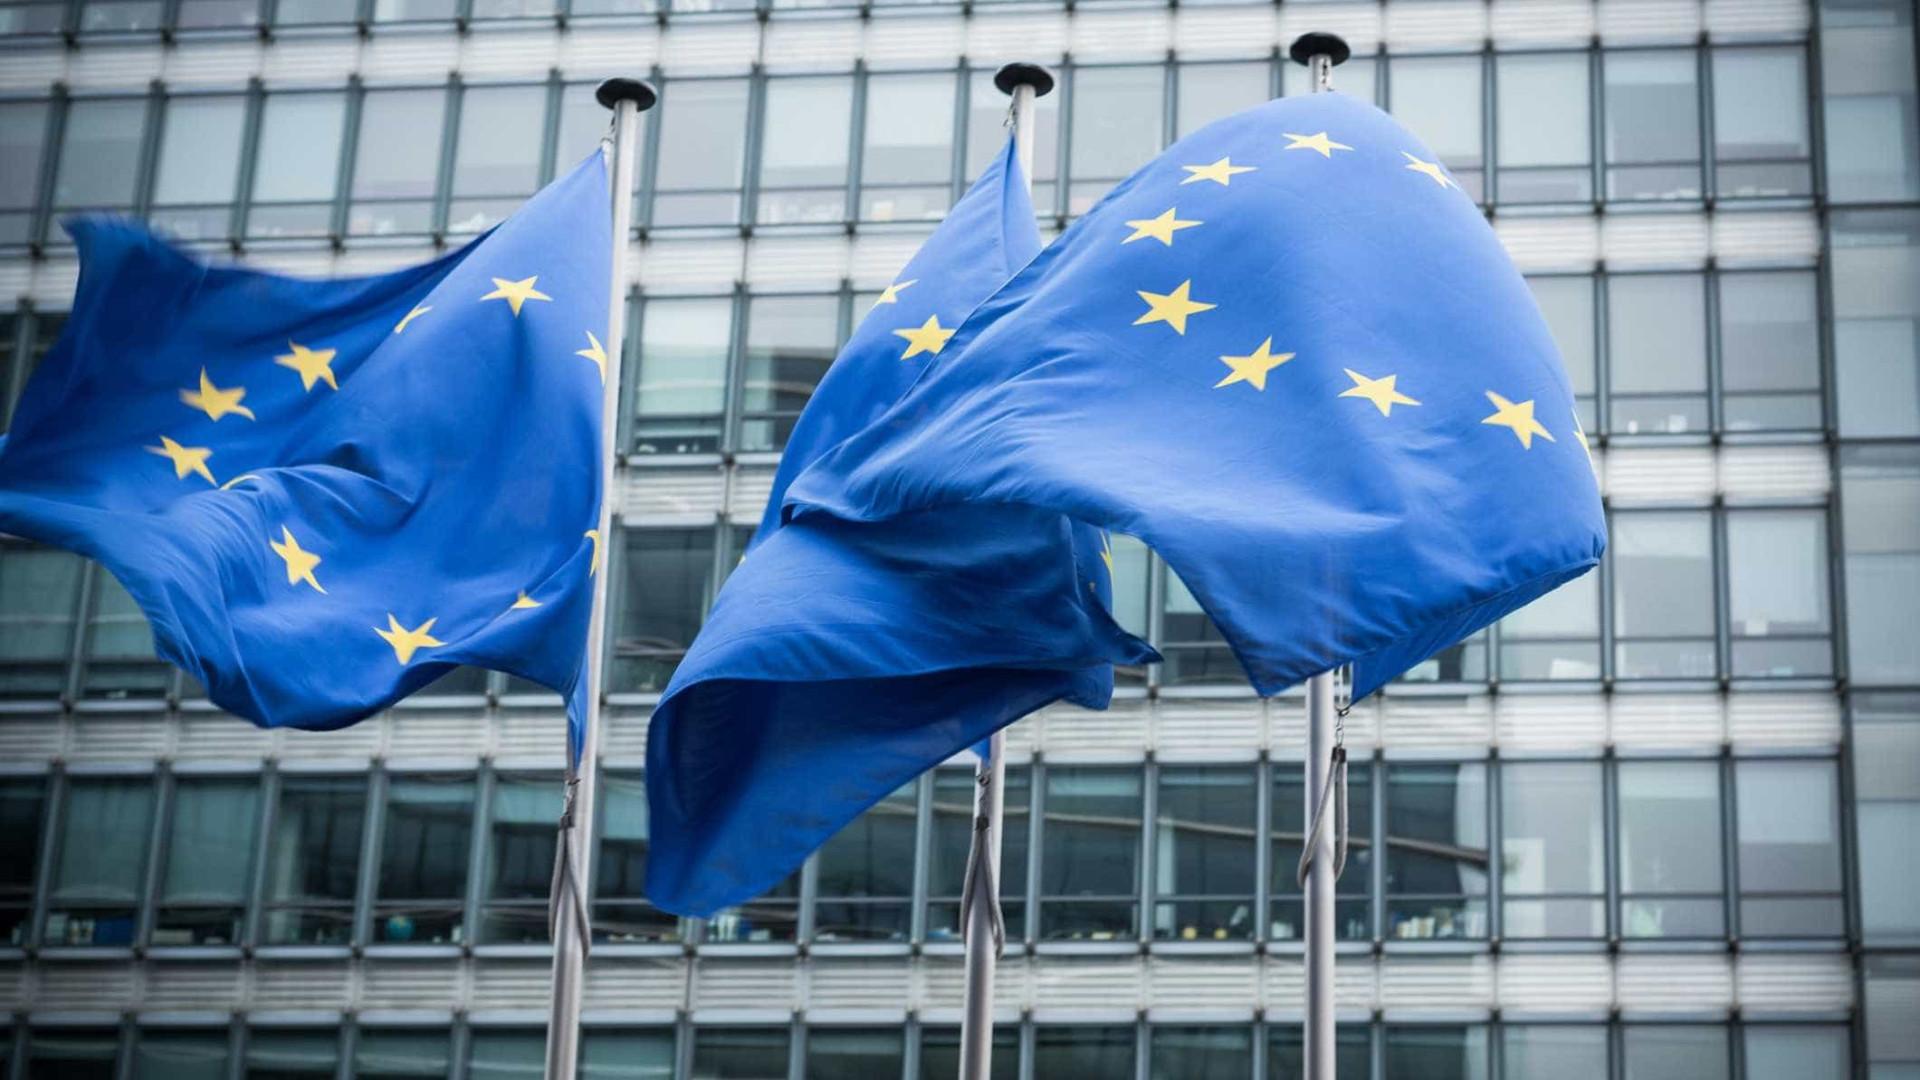 """Após aviso de Trump, UE aconselha a """"evitar-se qualquer provocação"""""""